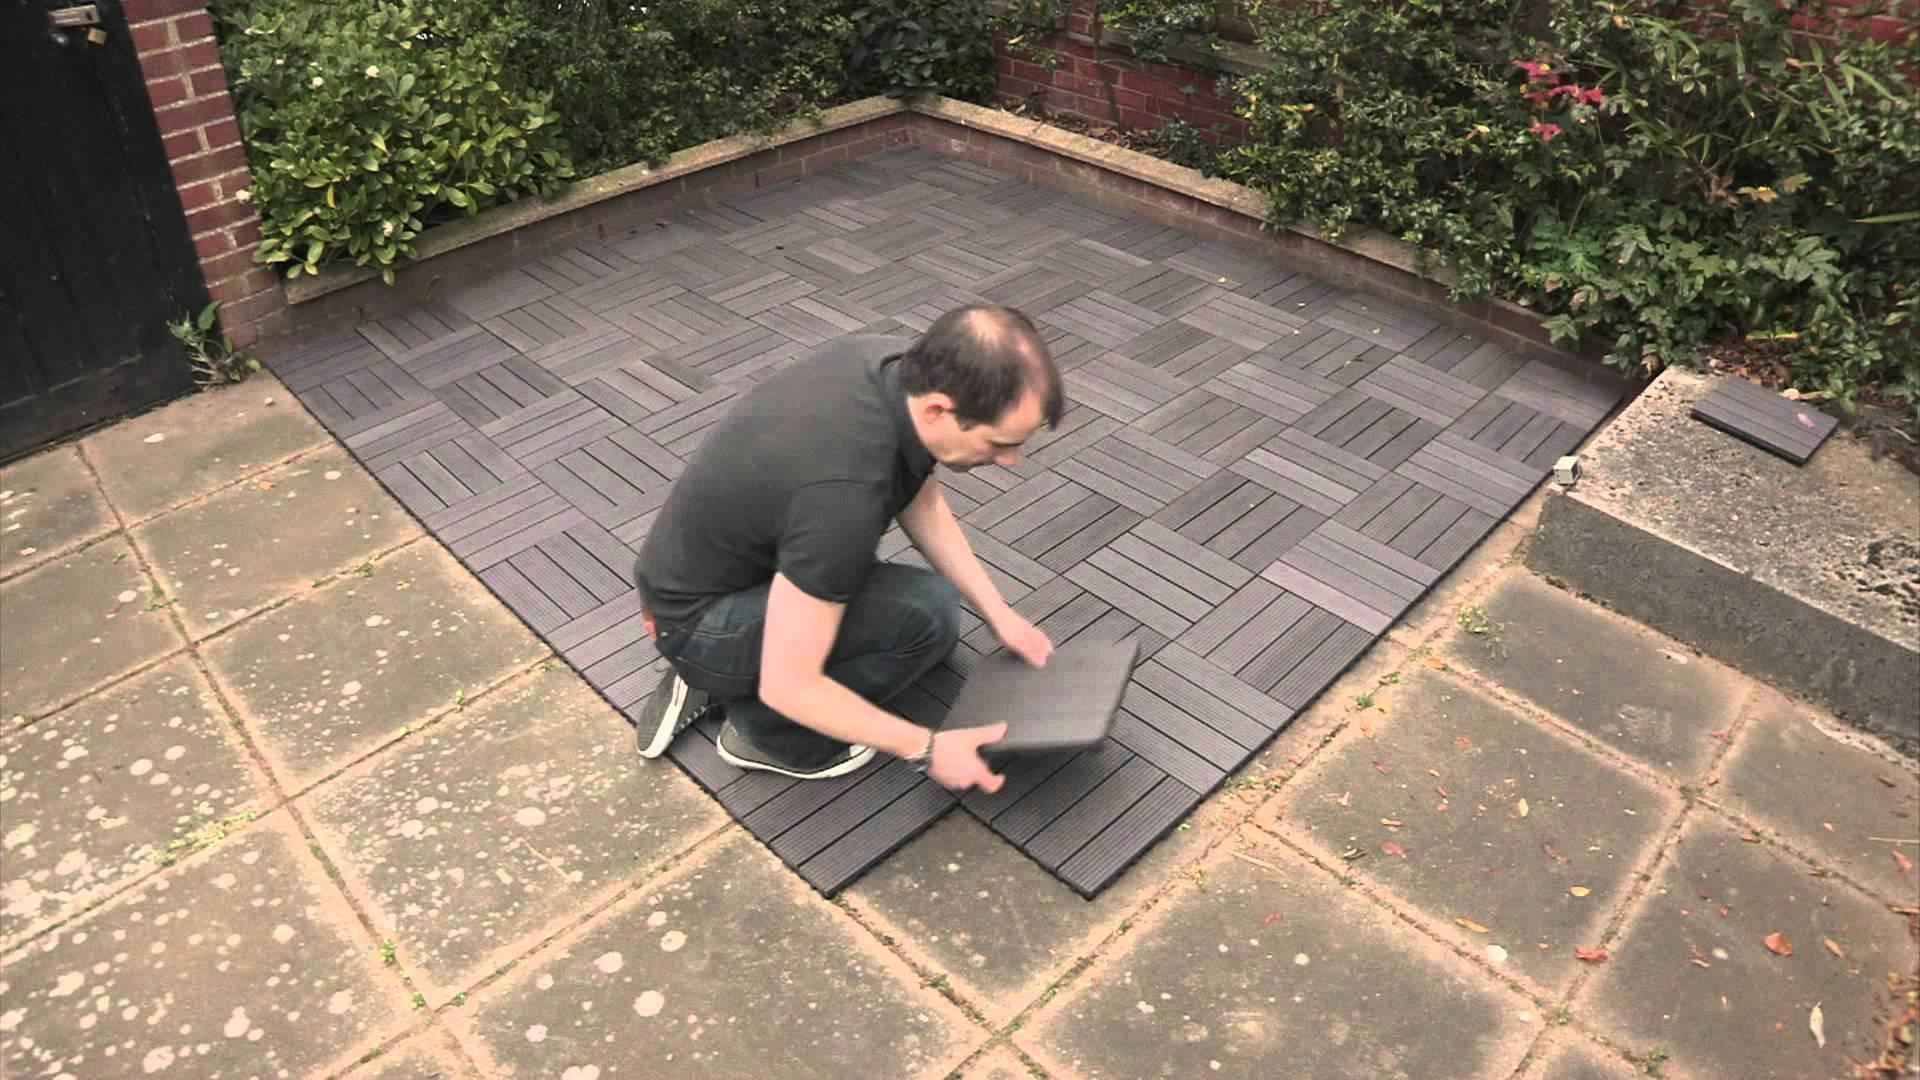 Các tấm sàn của rất dễ lắp đặt, không cần ốc vít hoặc keo, tính đàn hồi tạo cảm giác dễ chịu và êm ái nữa. Các tấm cao su chống nóng lạnh tốt, cách âm